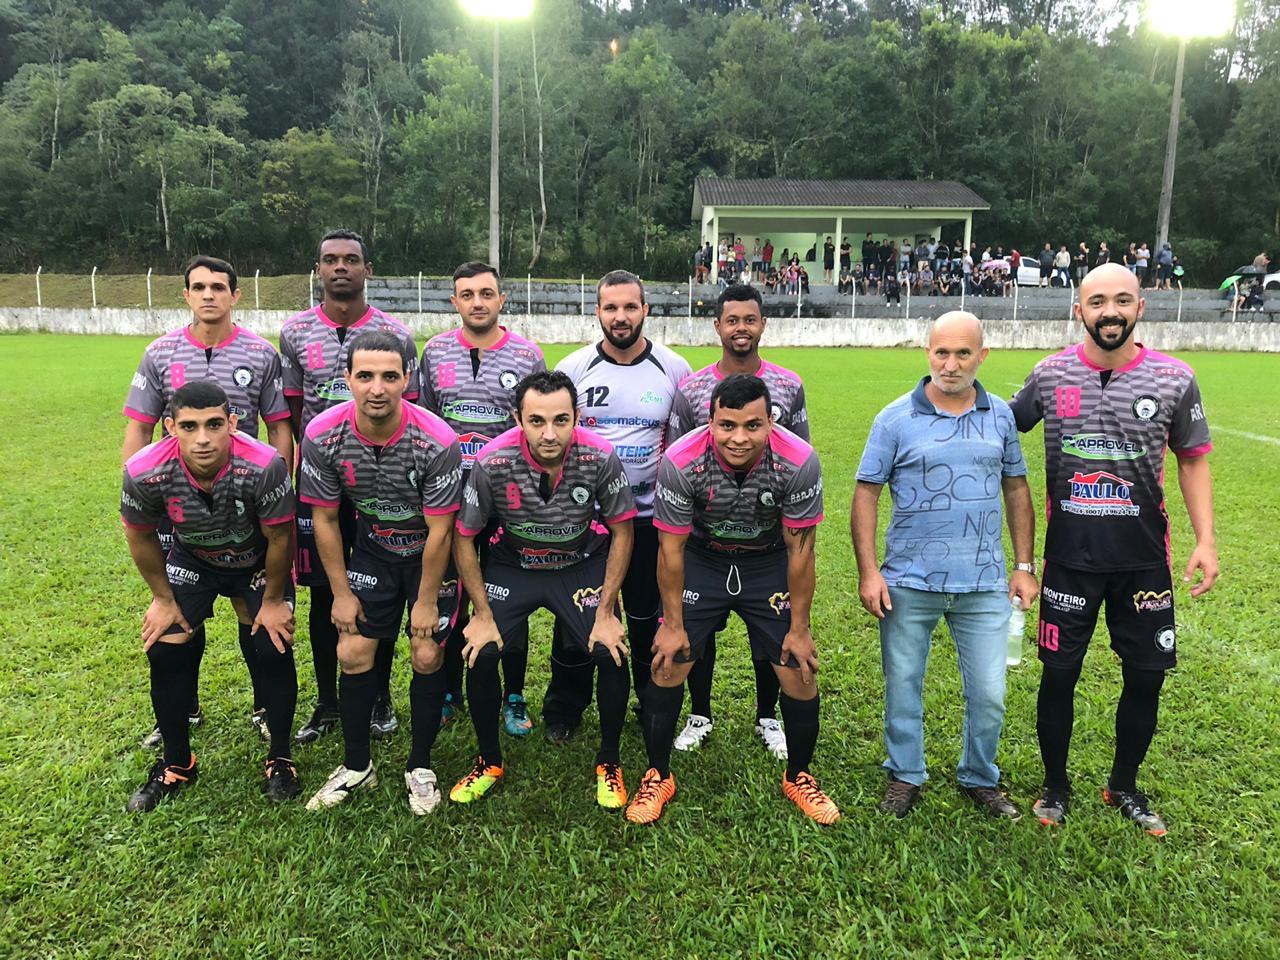 Interbairro Futebol Suiço (2)